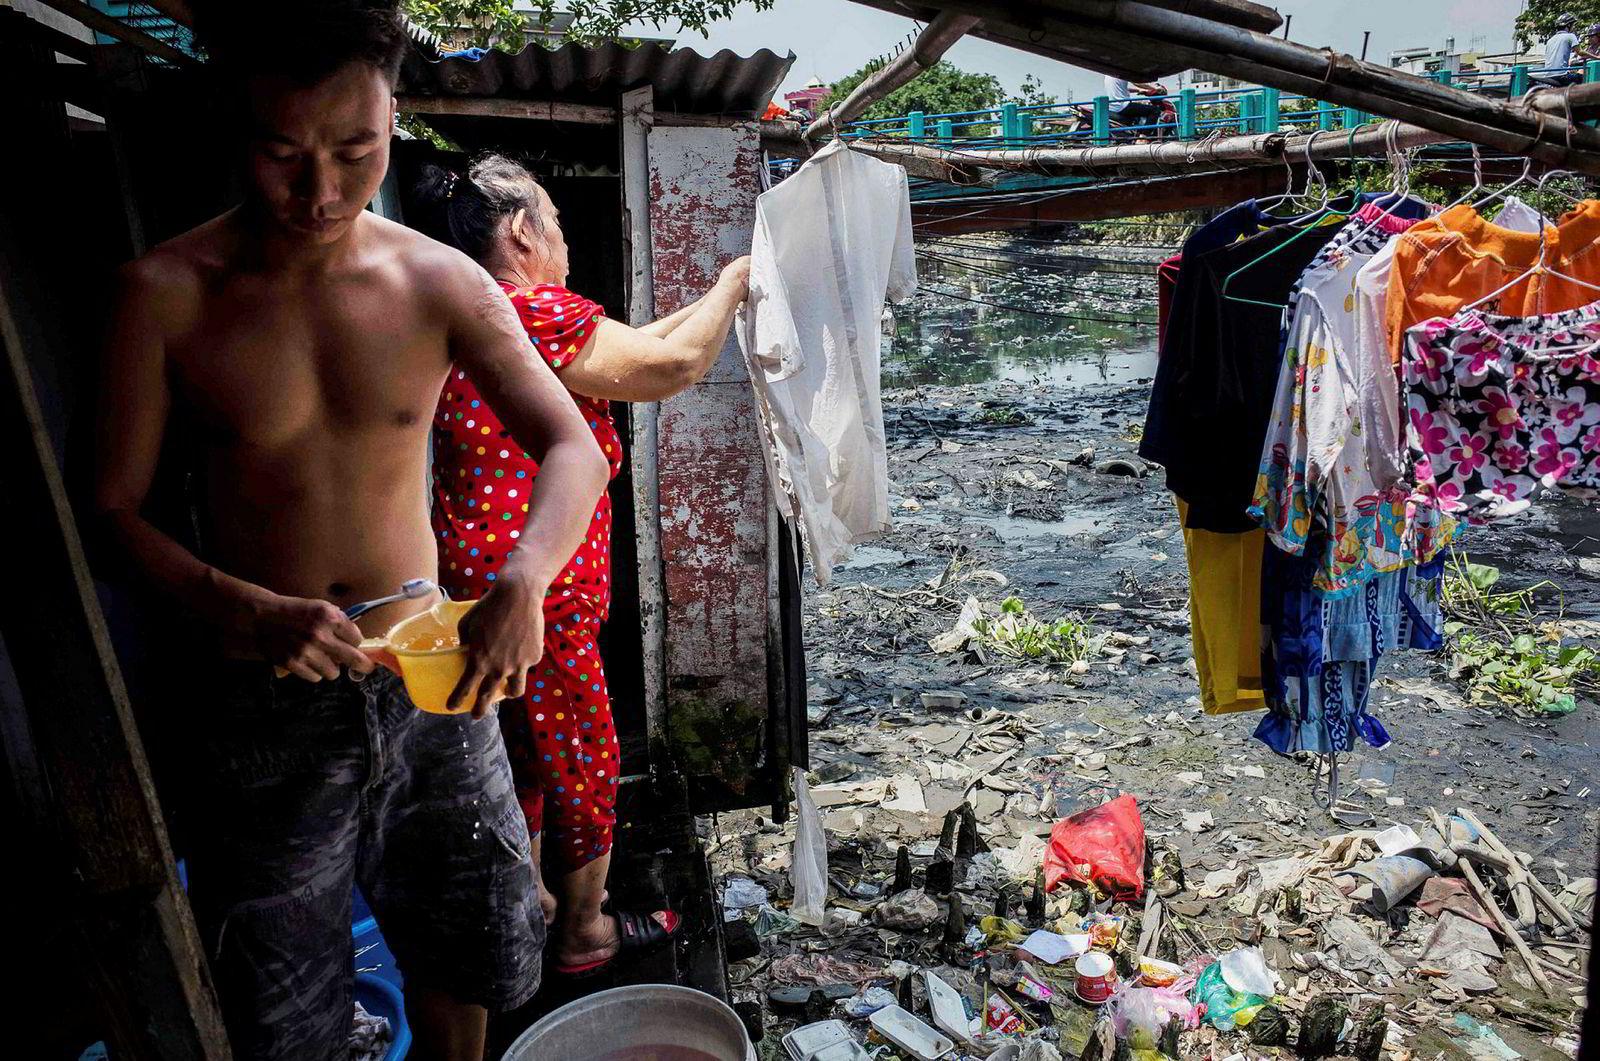 En kvinne henger opp klær utenfor et av husene ved kanalen. Elvebredden utenfor huset er sterkt preget av plast og avfall.